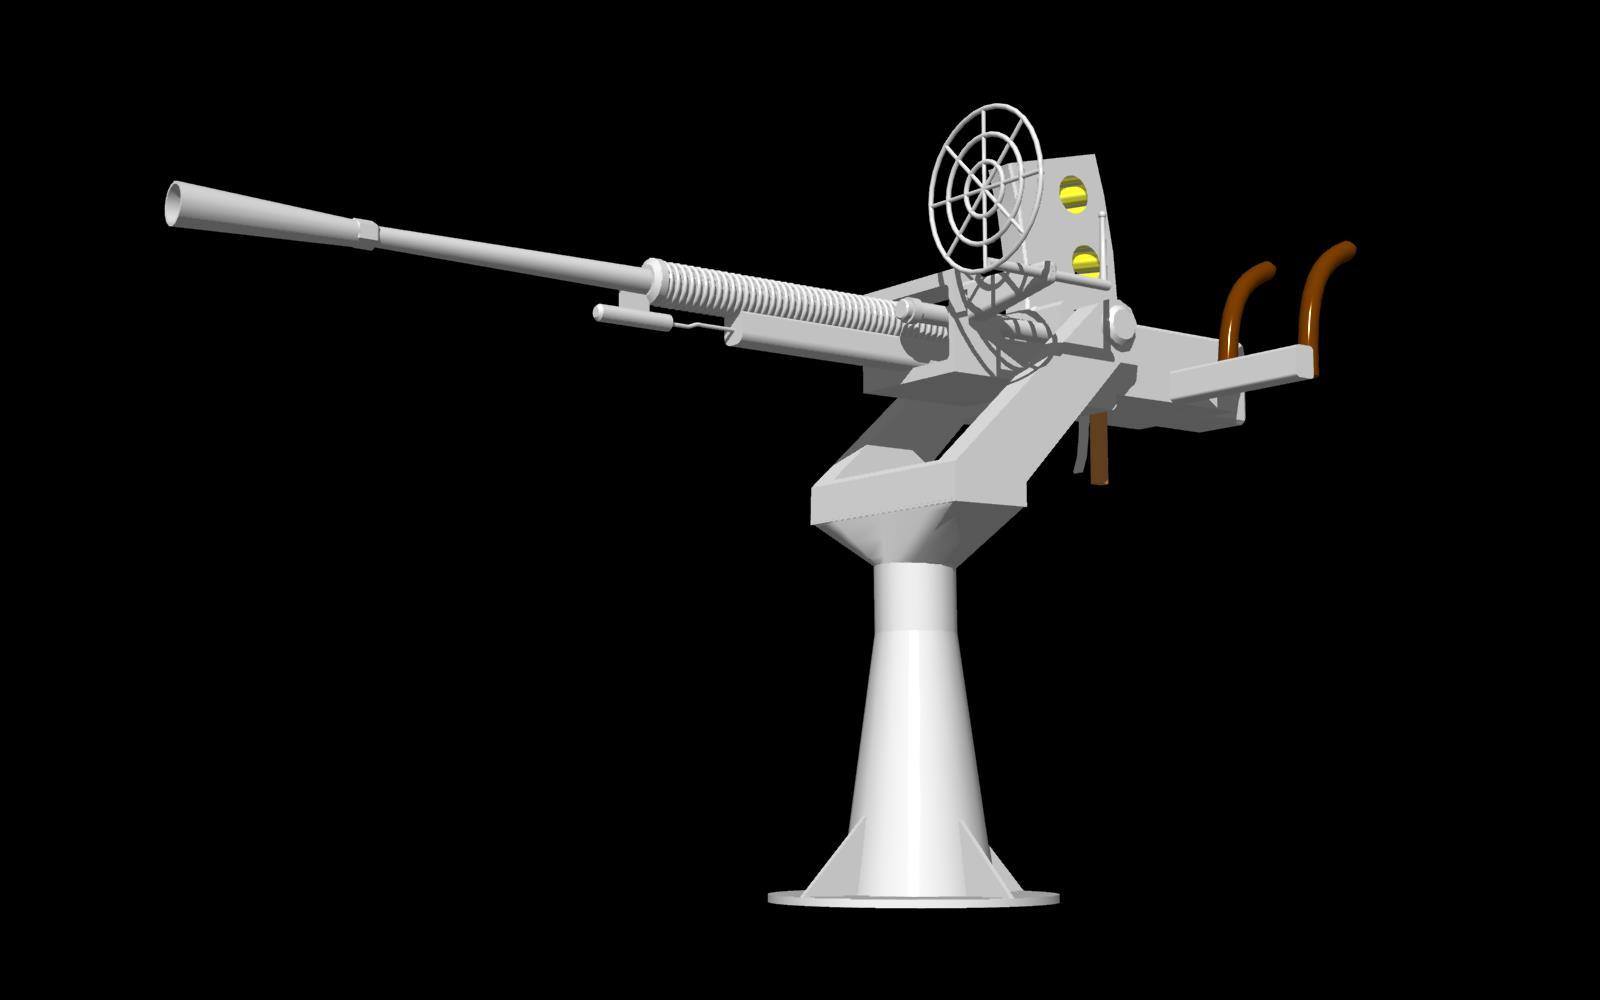 伊号第四潜水艦